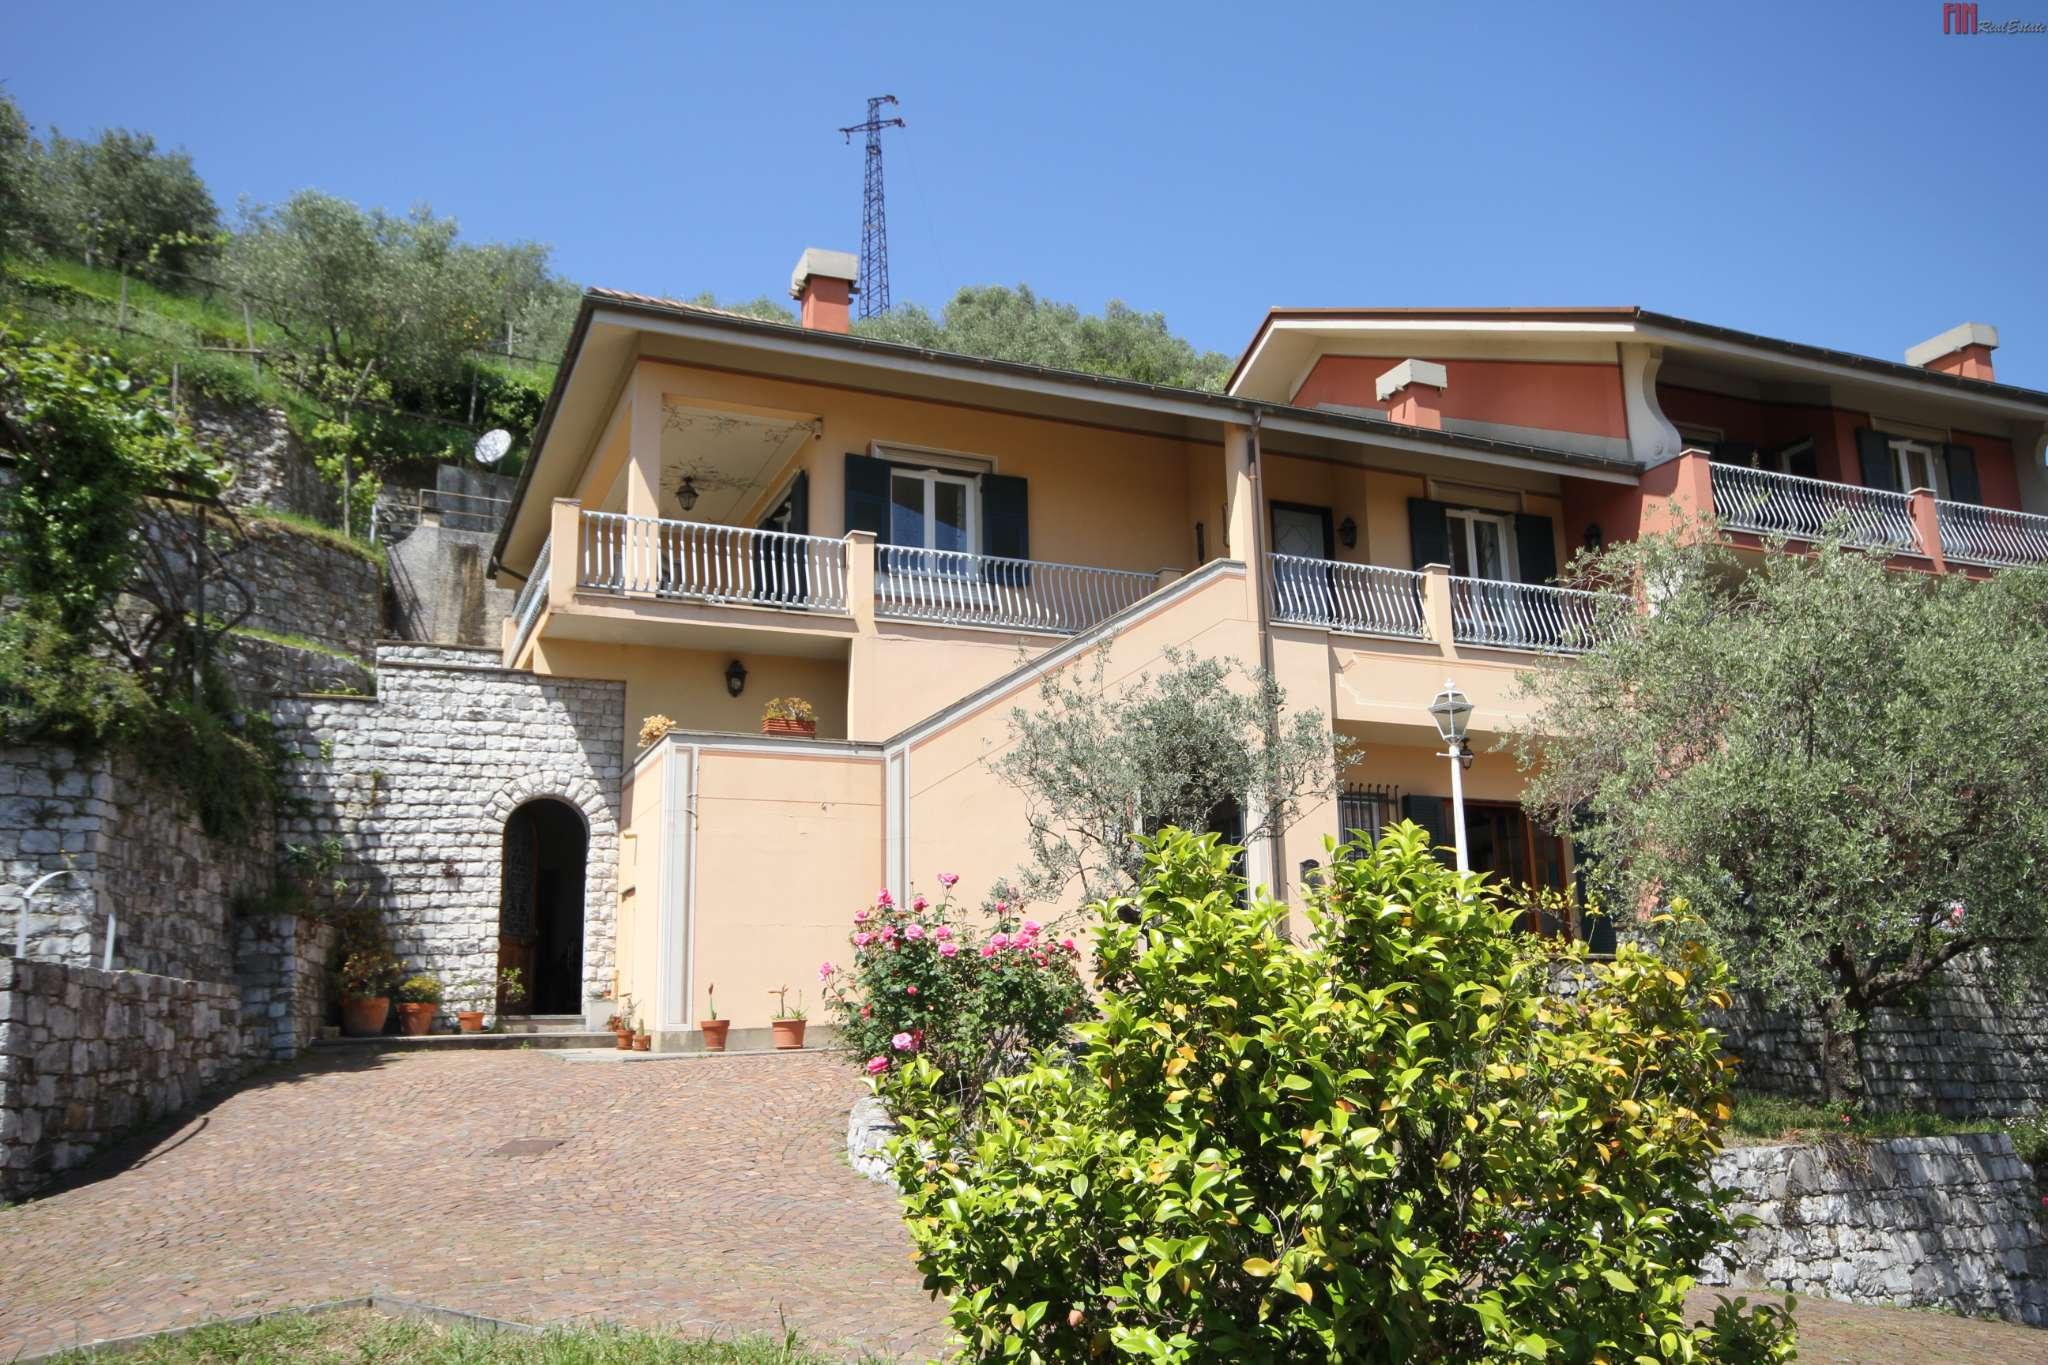 Appartamento in vendita a Chiavari, 4 locali, prezzo € 365.000 | PortaleAgenzieImmobiliari.it